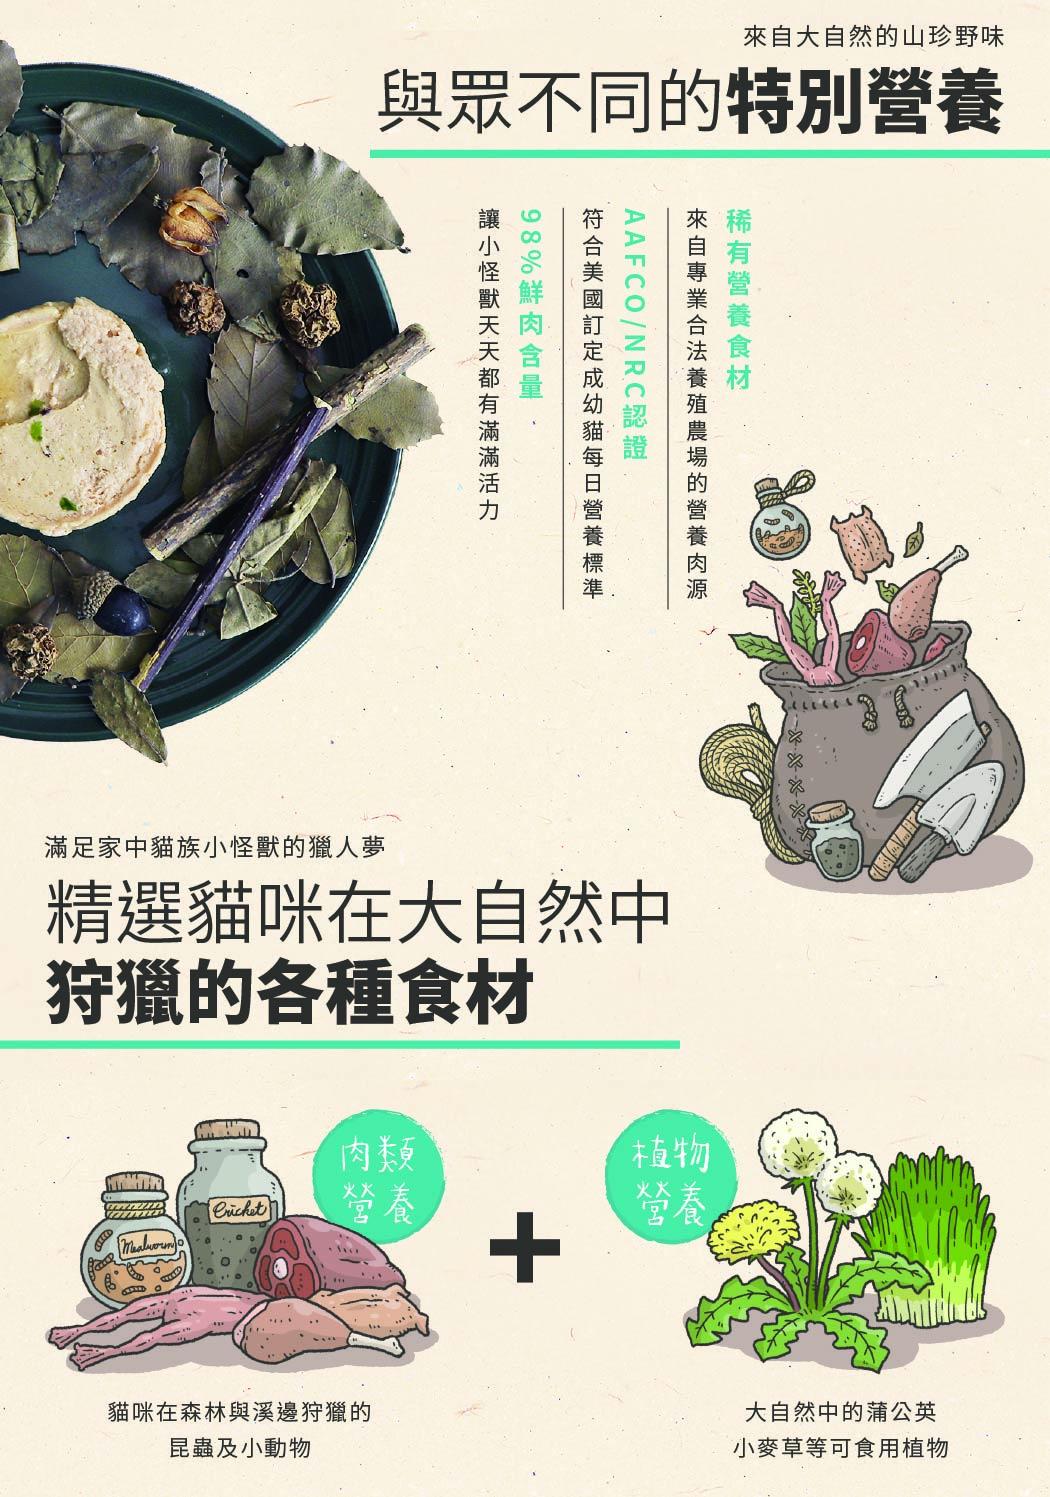 [喵皇帝] 怪獸部落 貓族 小怪獸野味無膠主食罐 82G 雞肉白鼠蟋蟀麵包蟲兔肉青蛙貓罐頭